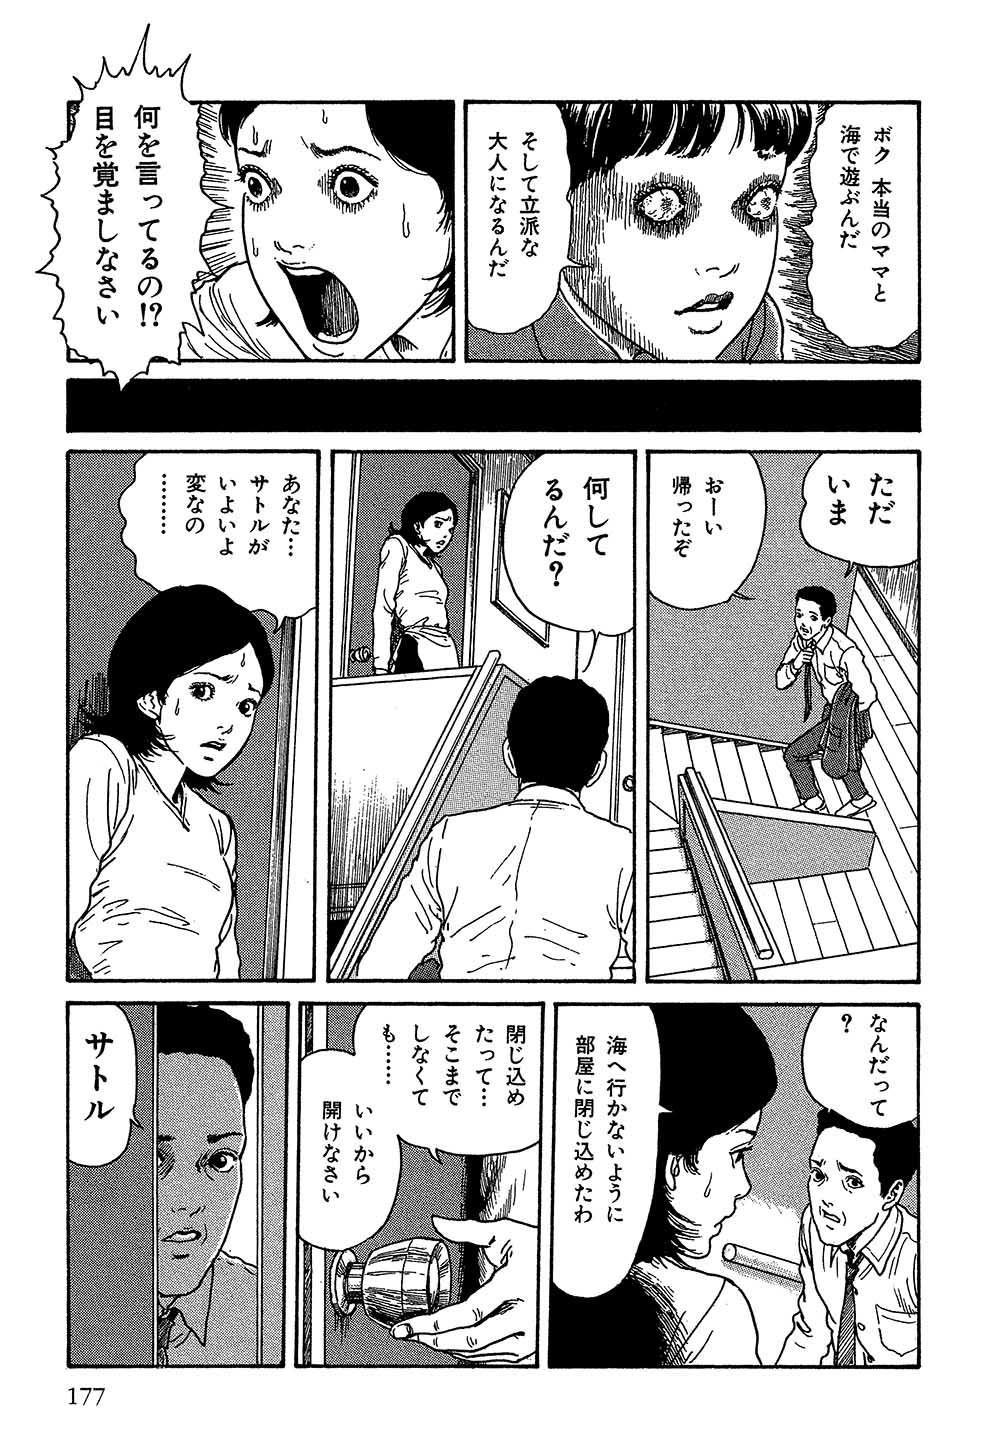 itouj_0002_0179.jpg